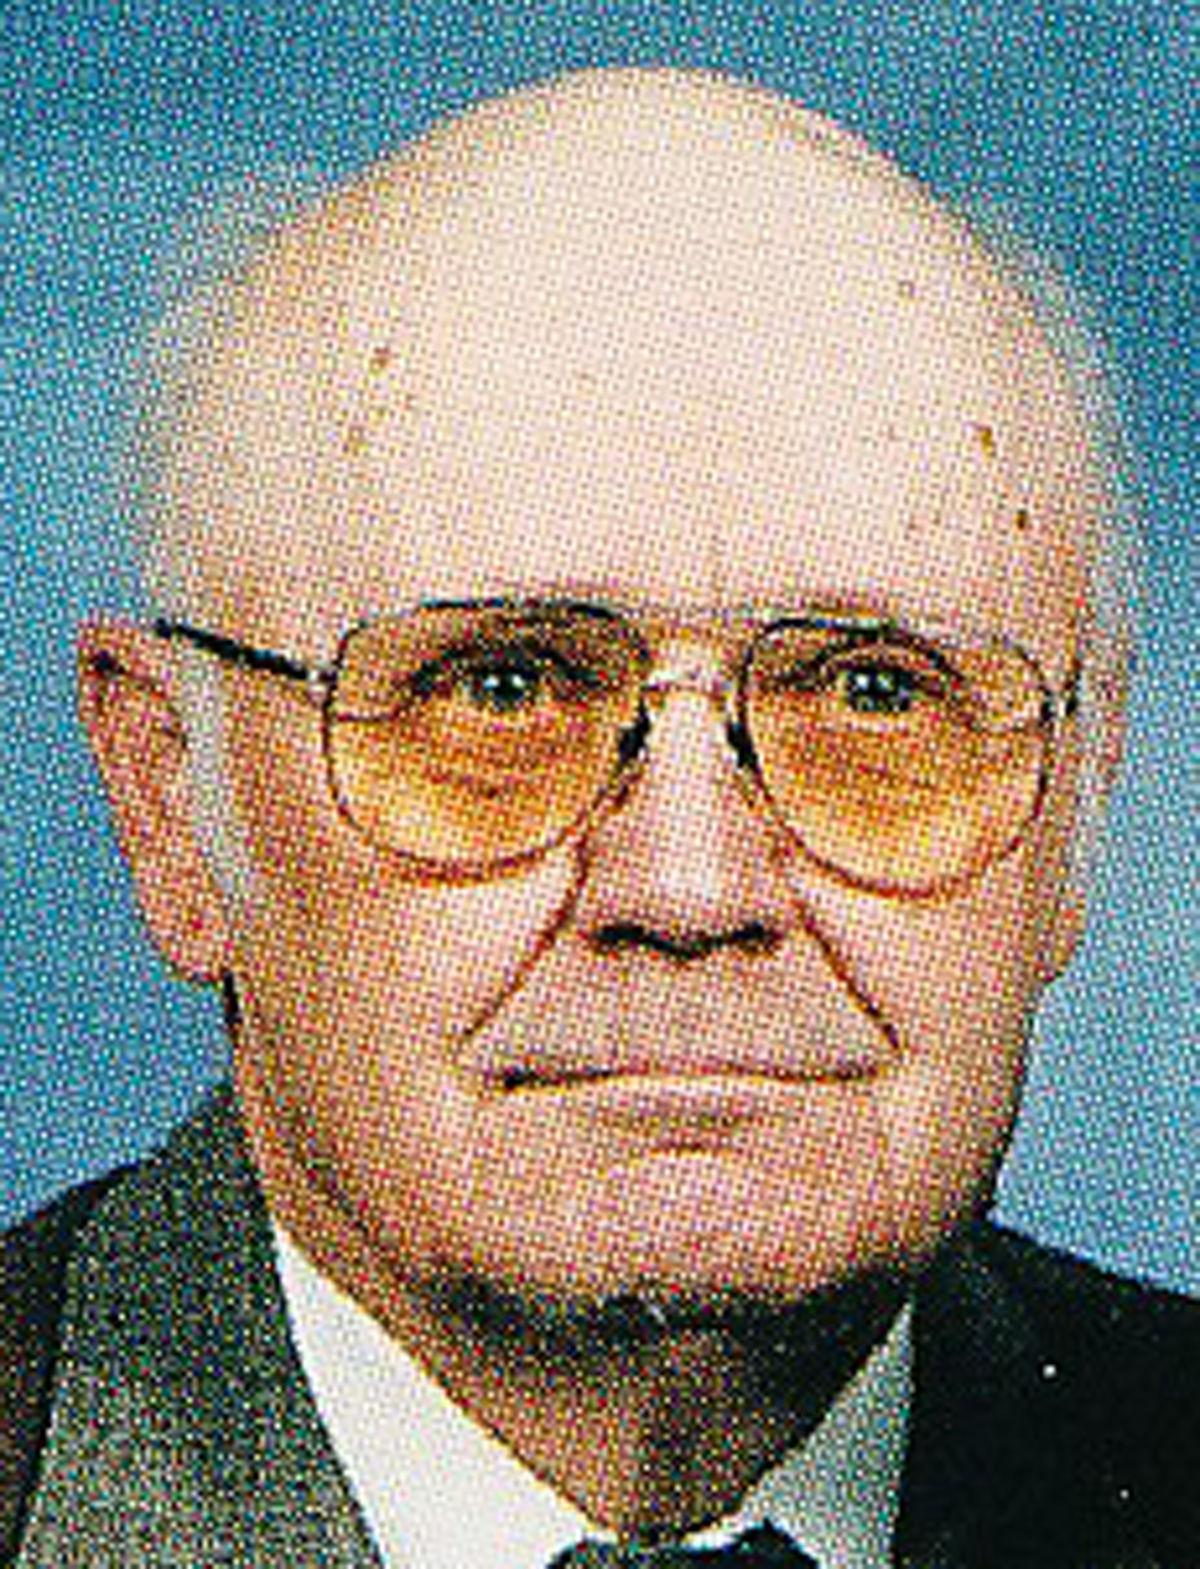 Donald Kroft